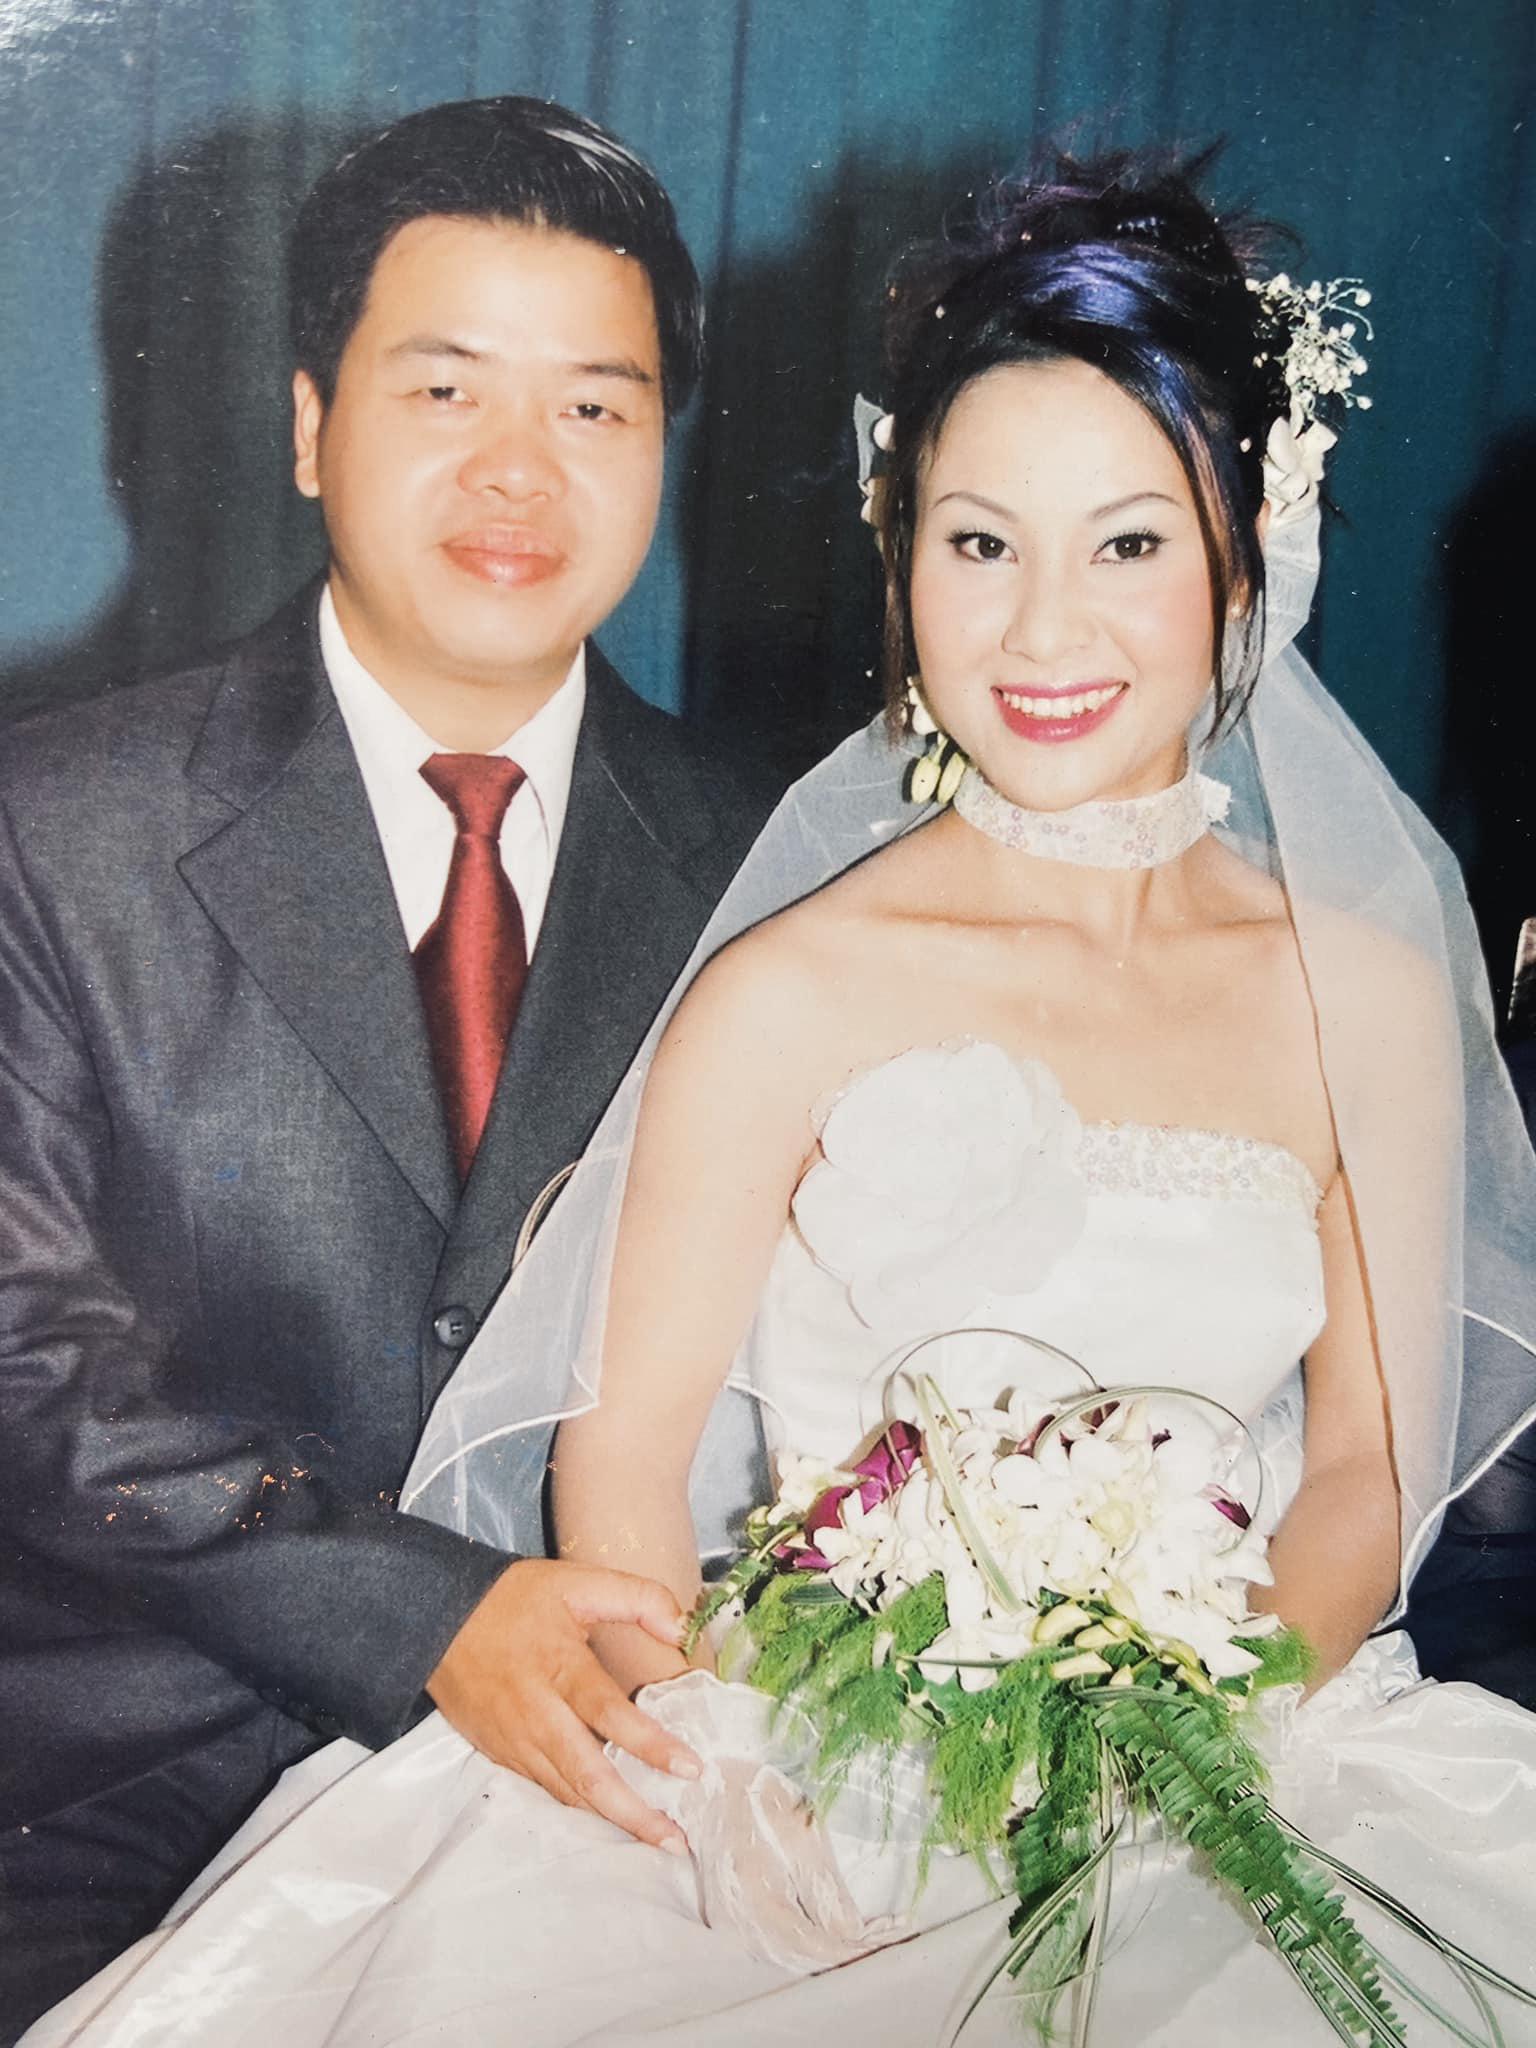 NSƯT Đăng Dương kể về biến cố gia đình và 18 năm hôn nhân - Ảnh 2.